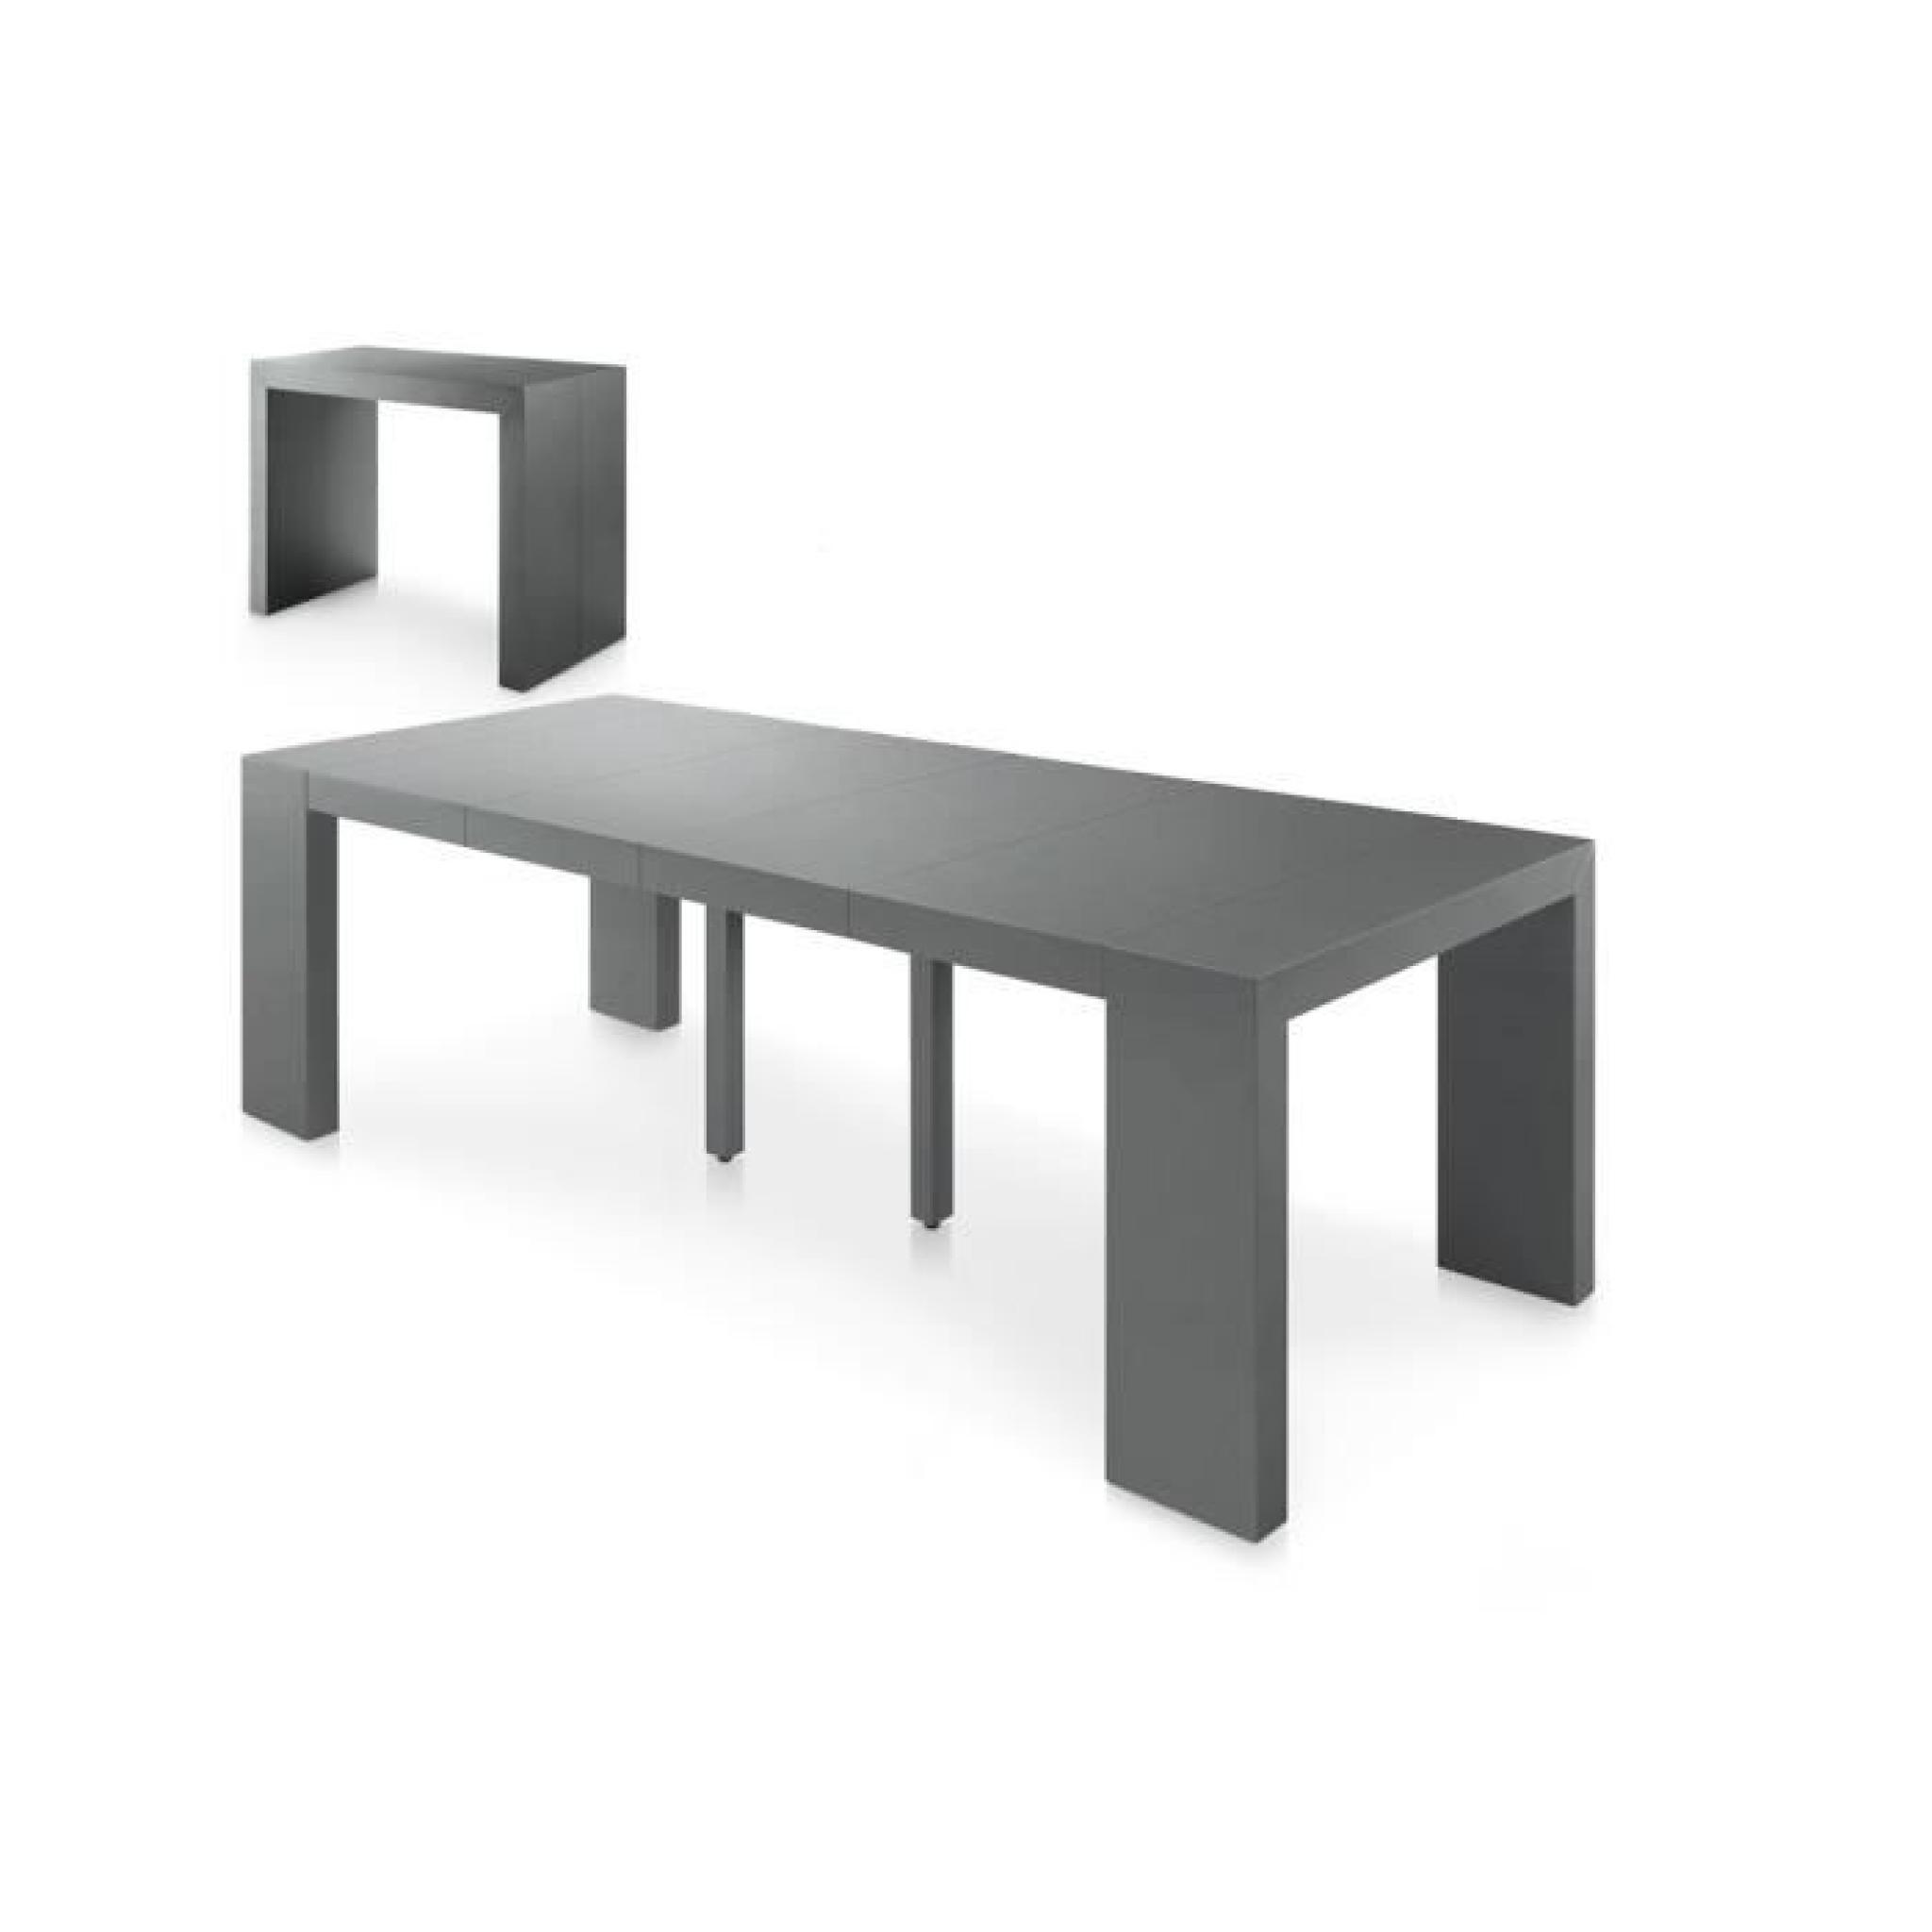 Table Extensible Pas Cher.Table Console Extensible Pas Cher 250 Cm Gris S